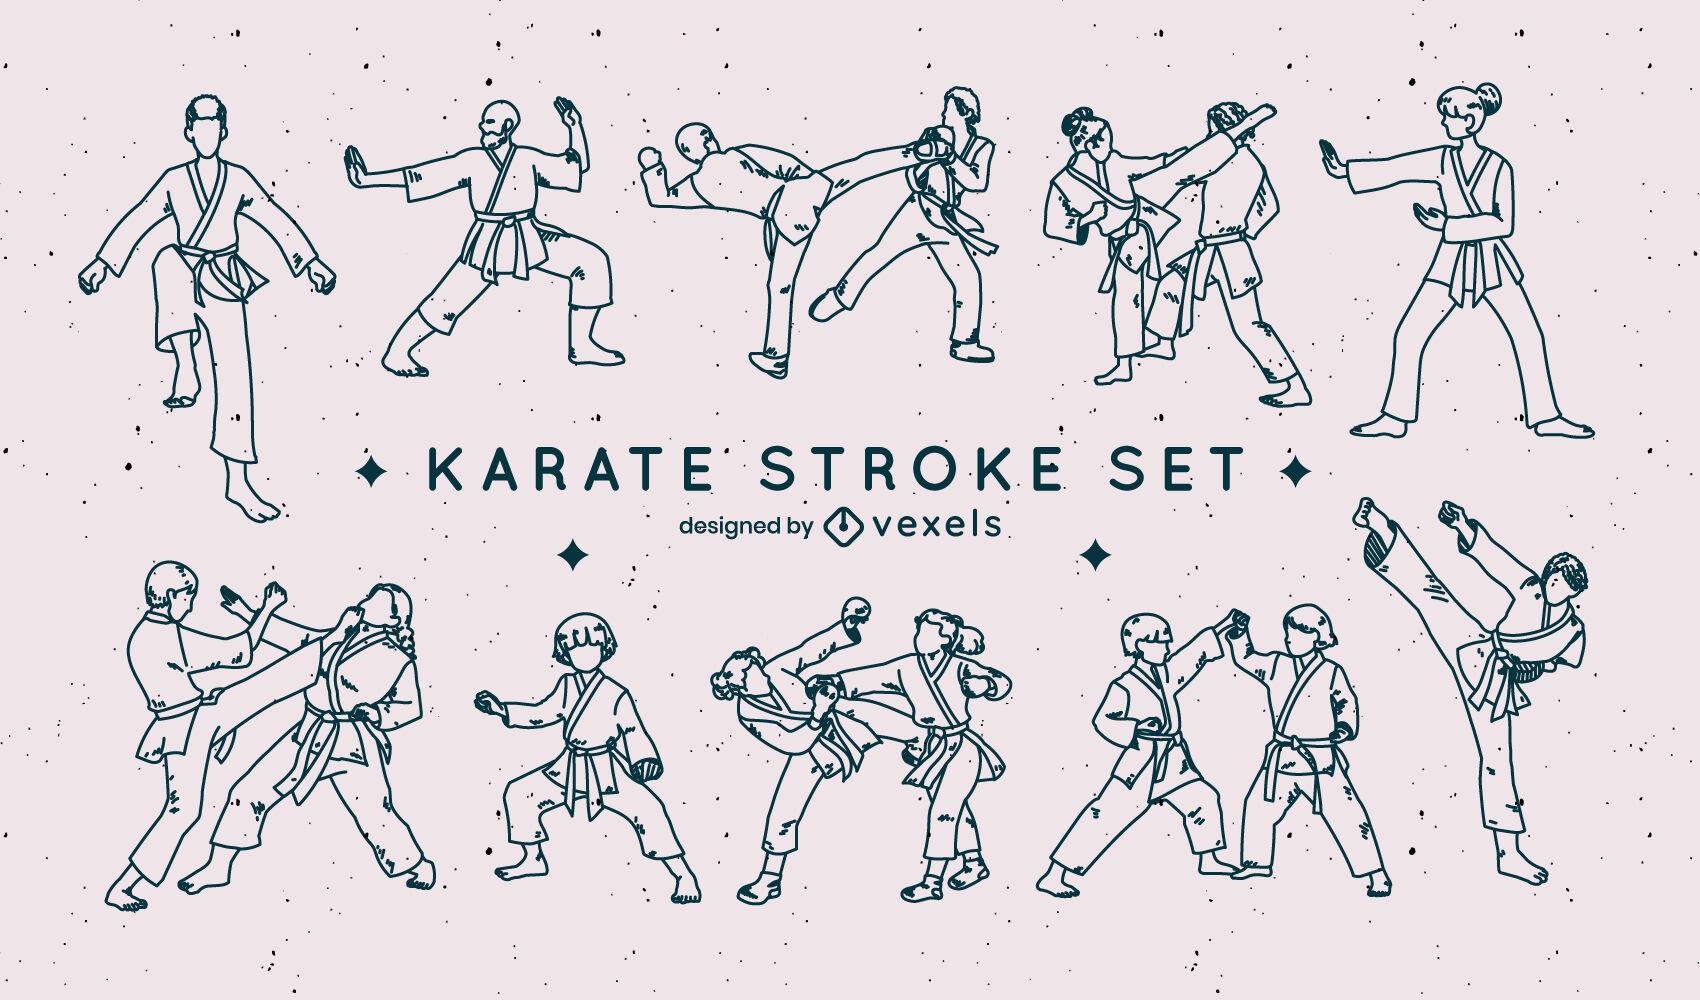 Carat?, artes marciais, esporte, pessoas, jogo de bra?ada